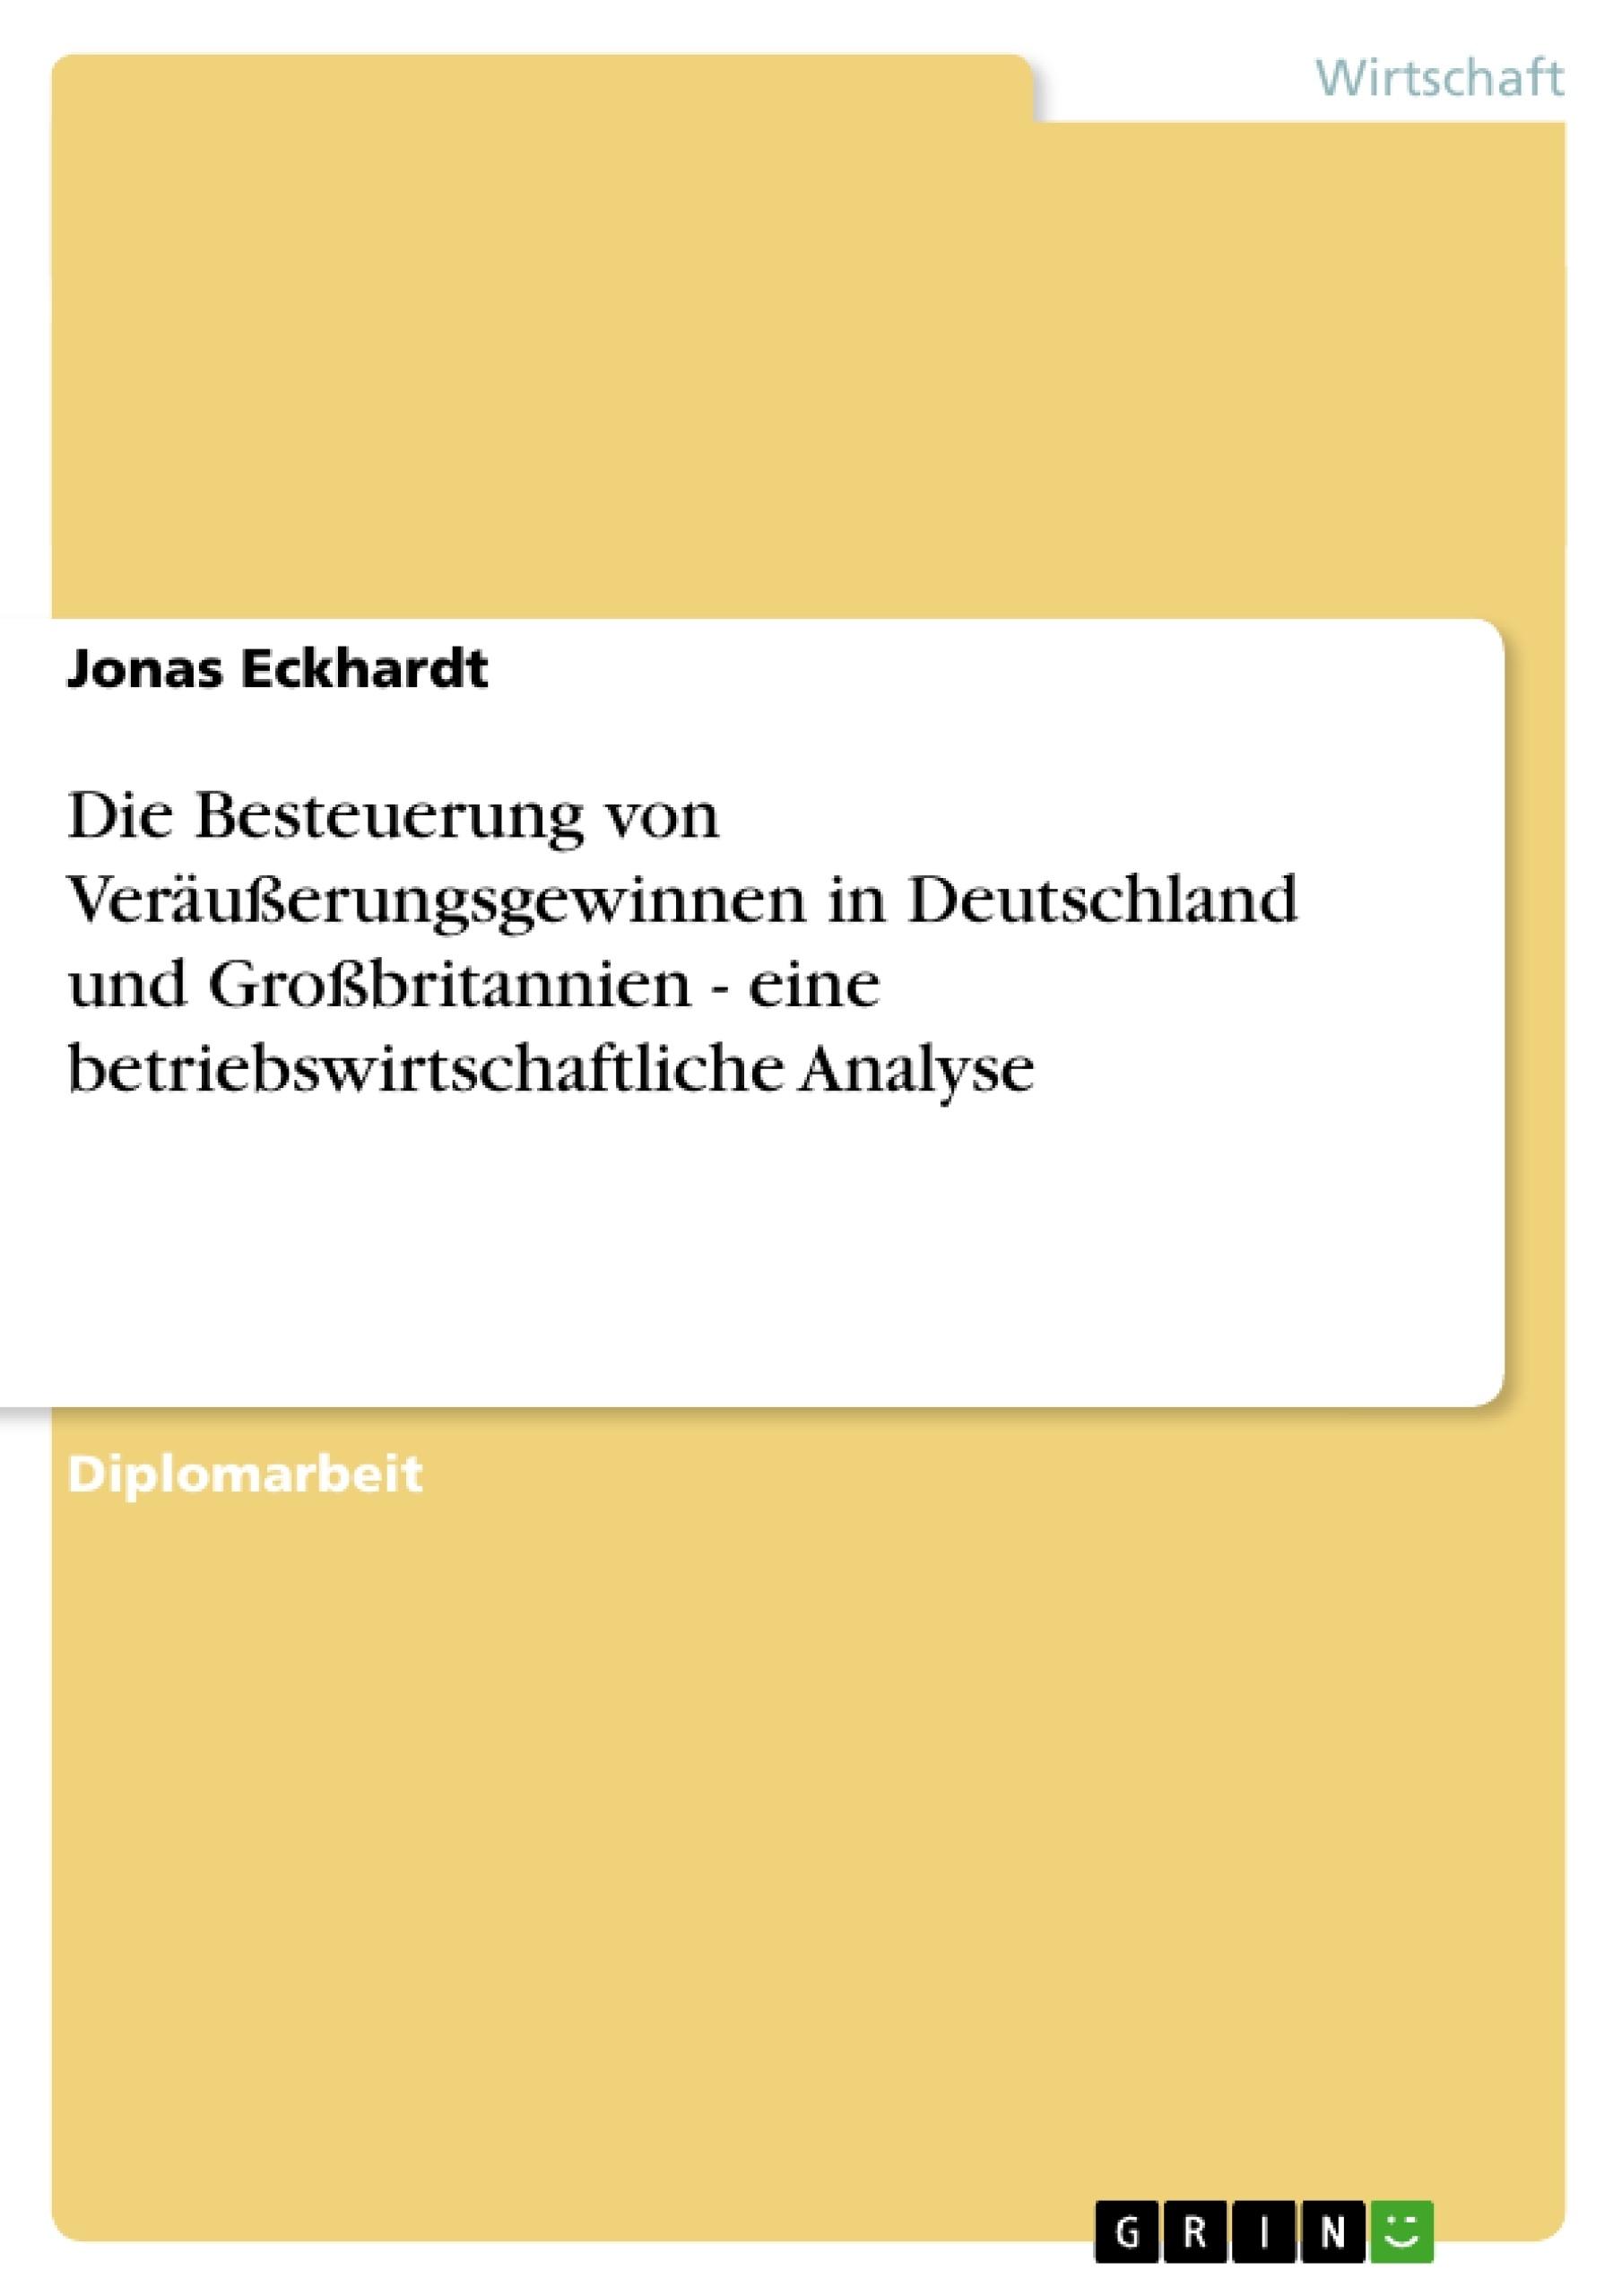 Titel: Die Besteuerung von Veräußerungsgewinnen in Deutschland und Großbritannien - eine betriebswirtschaftliche Analyse